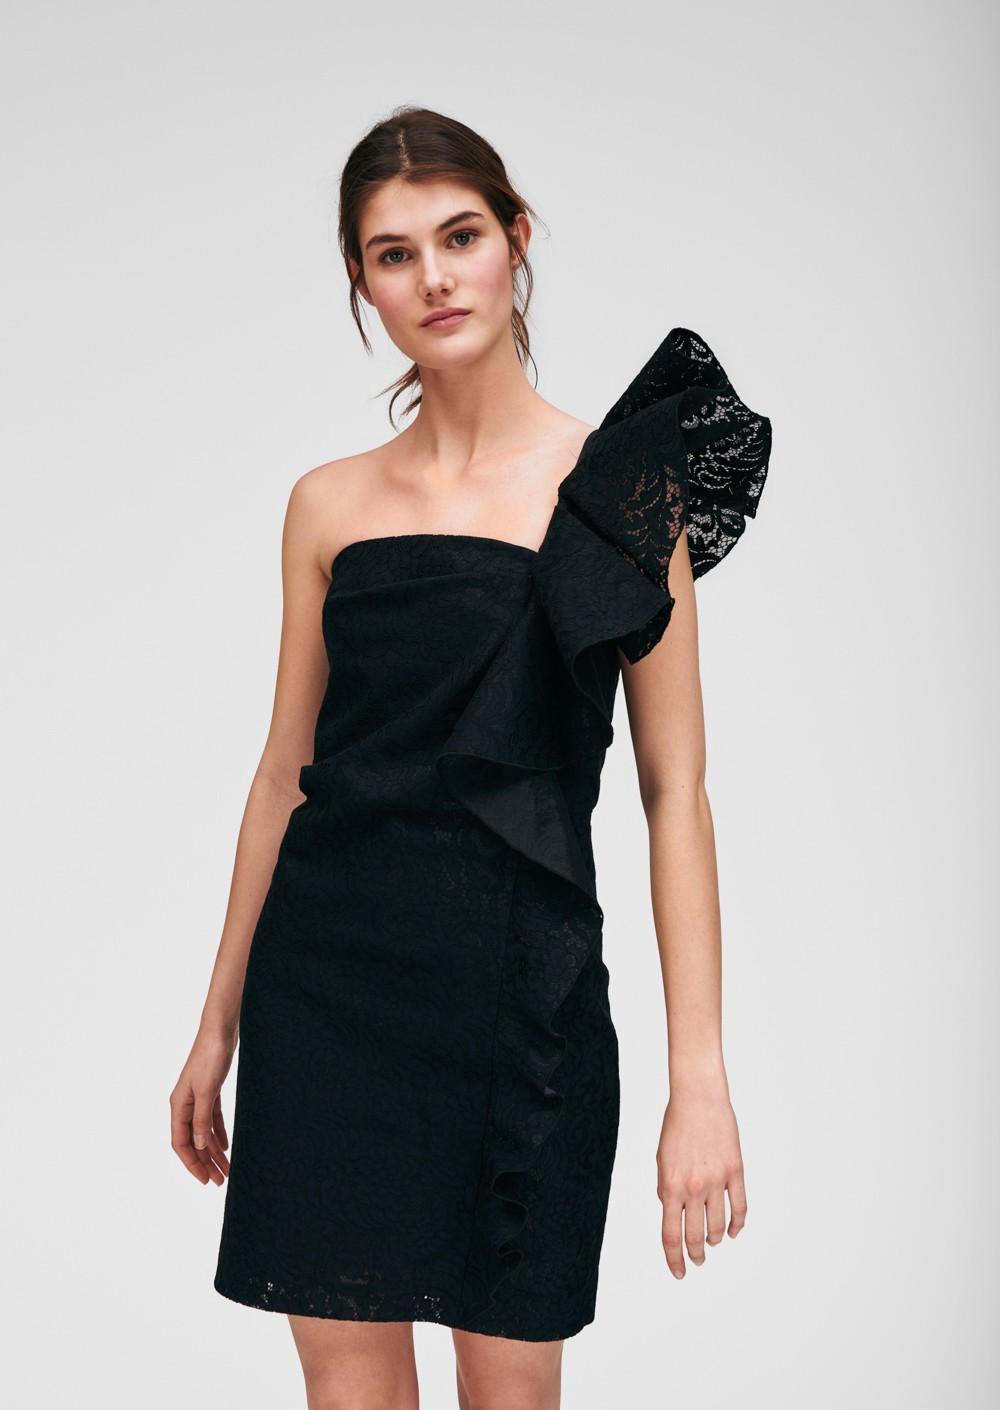 6d9b3c30676 ... Notre sélection de robes noires pour les fêtes de fin d année - Tara  Jarmon ...